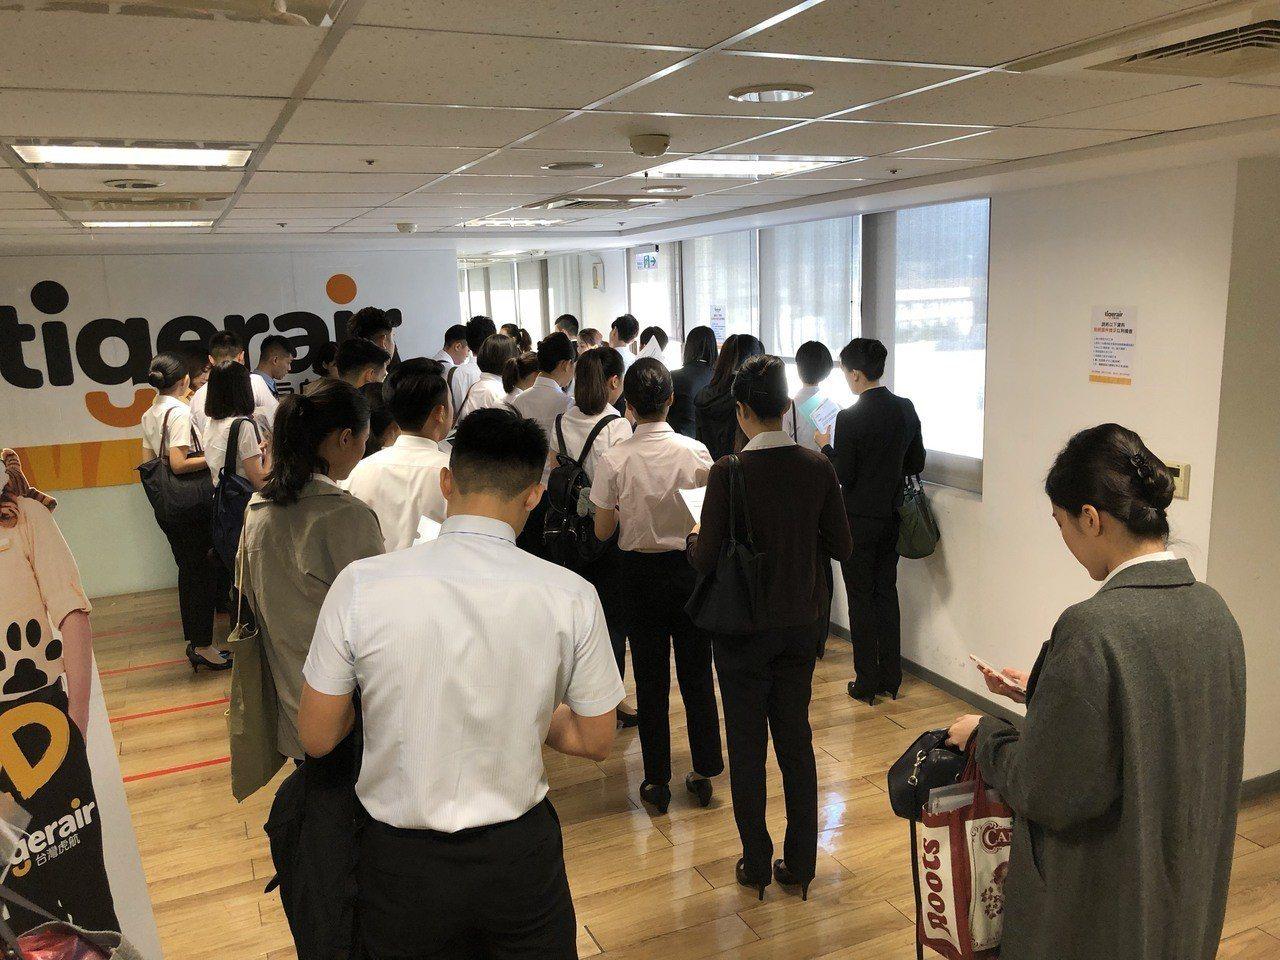 台灣虎航今(1)日招募客艙組員,考生報到情況。 圖/台灣虎航提供